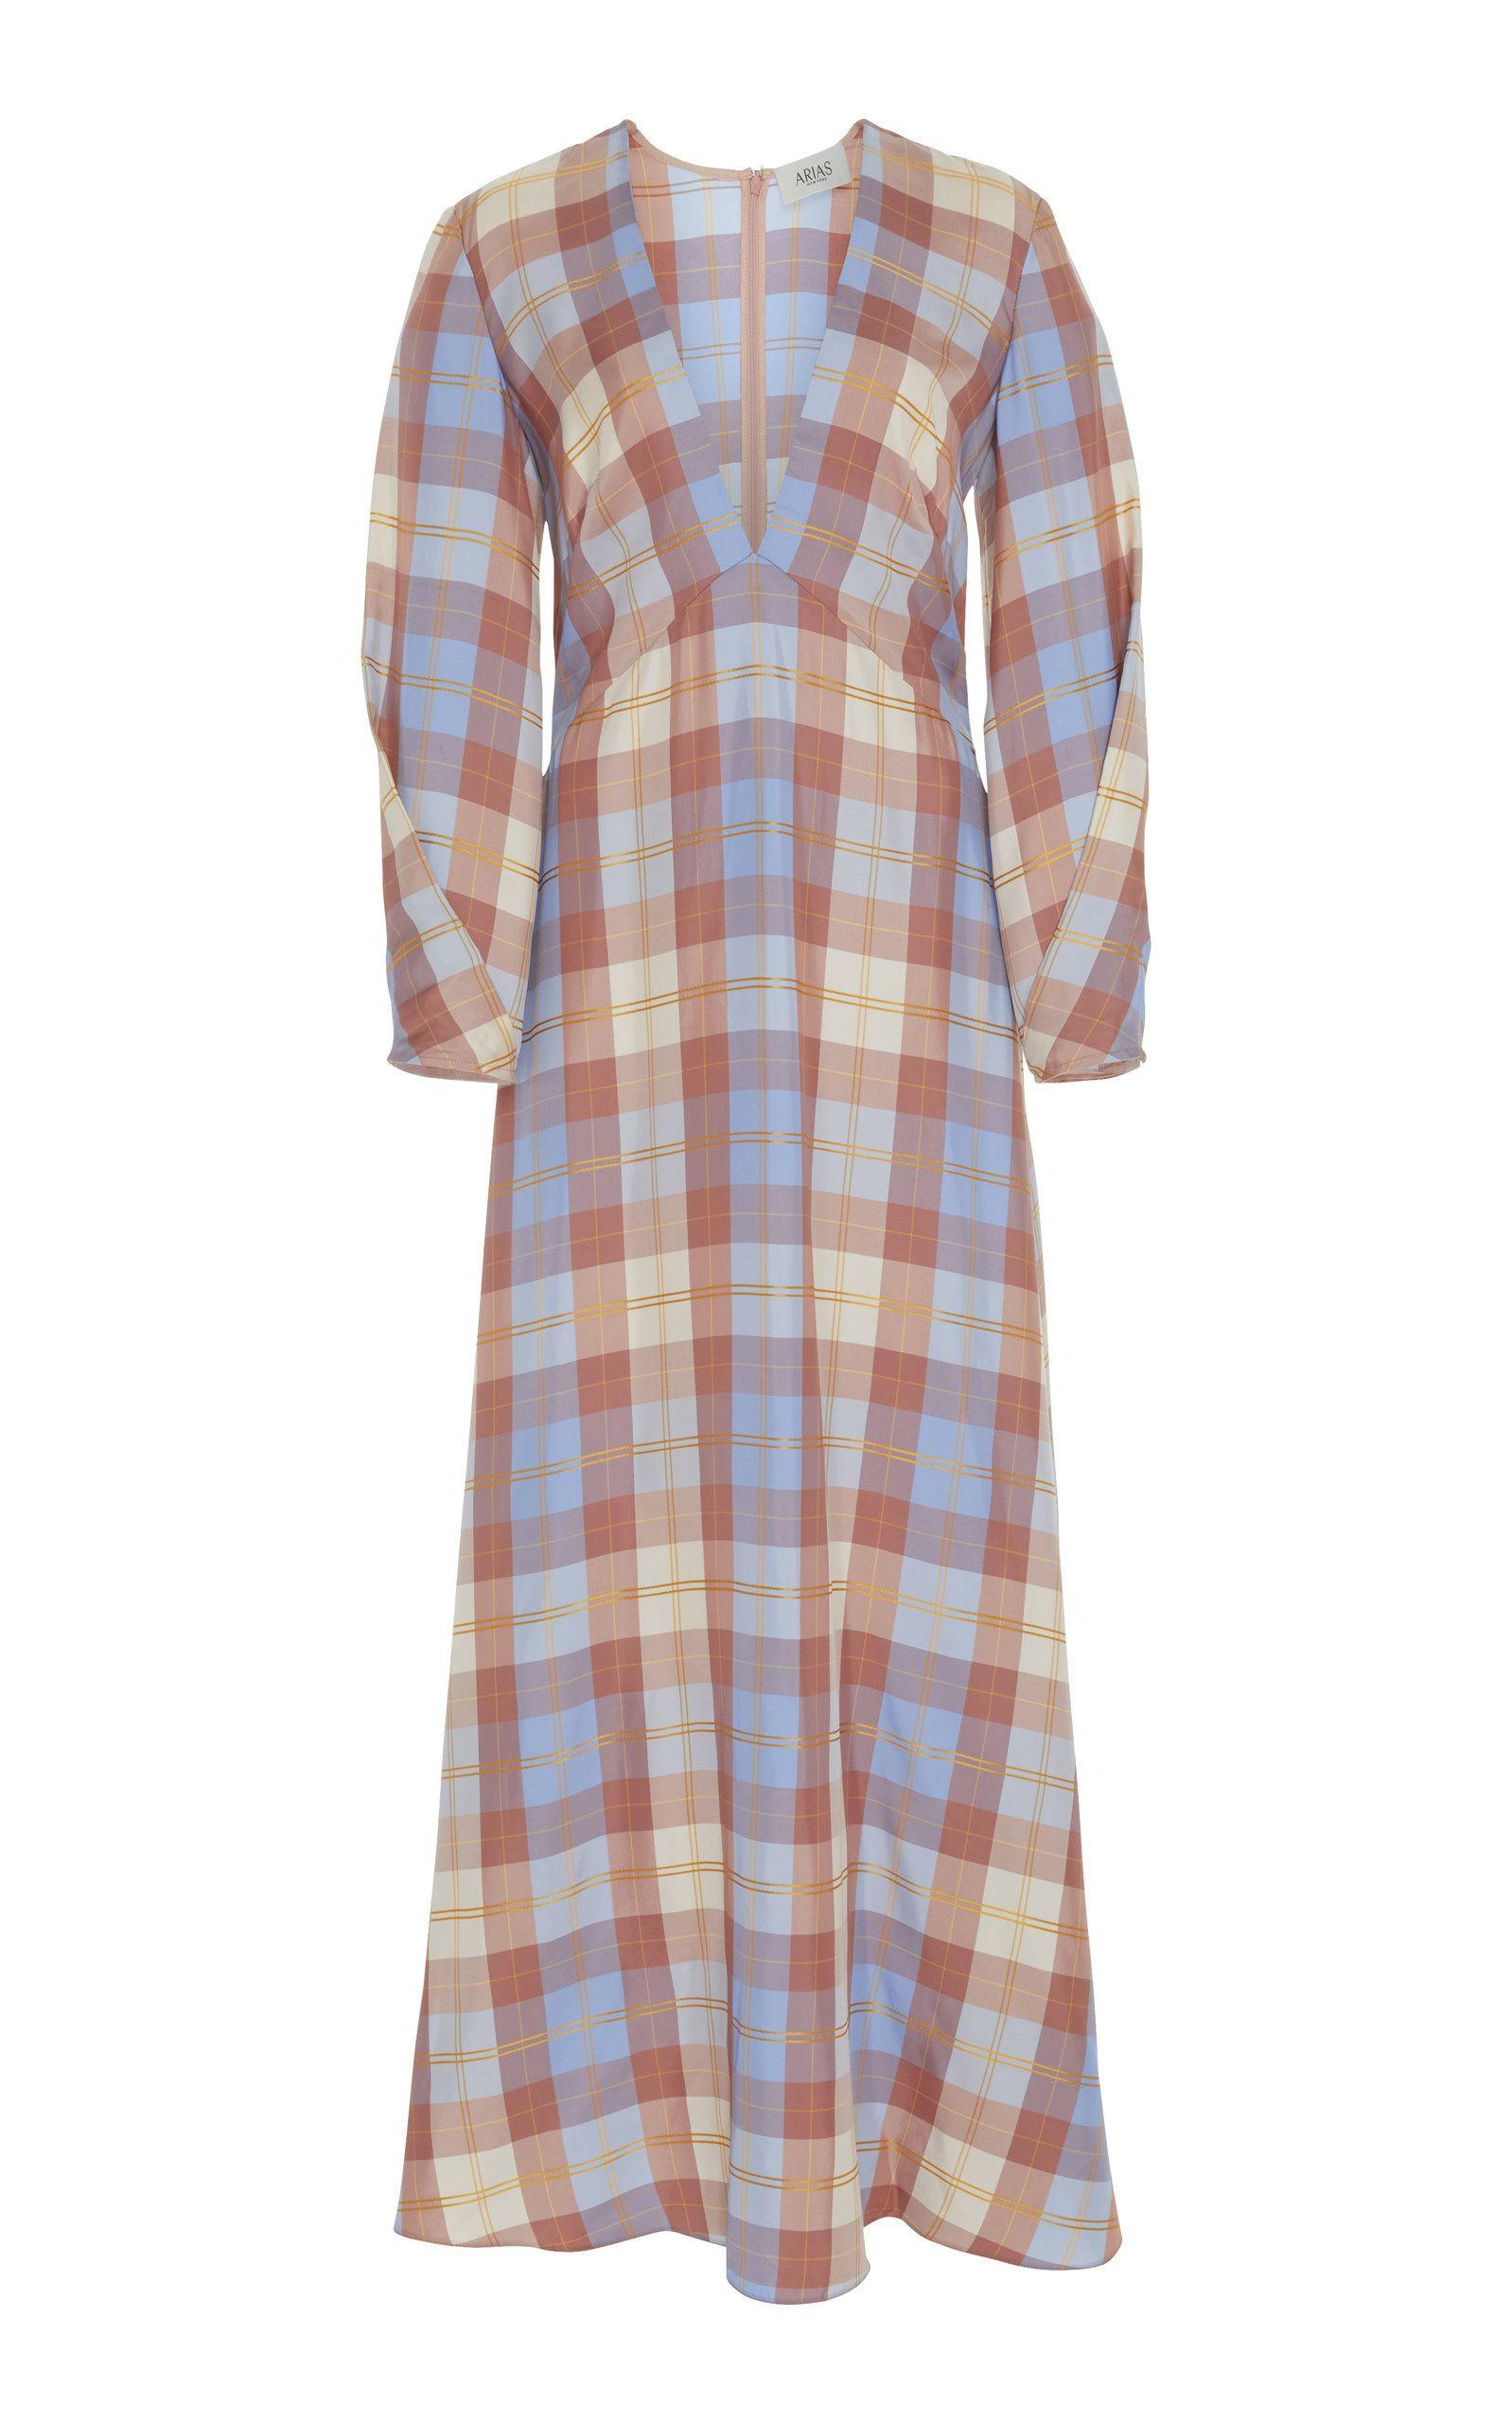 572864b0803 Best Fall Dresses - Fall Dress Trends